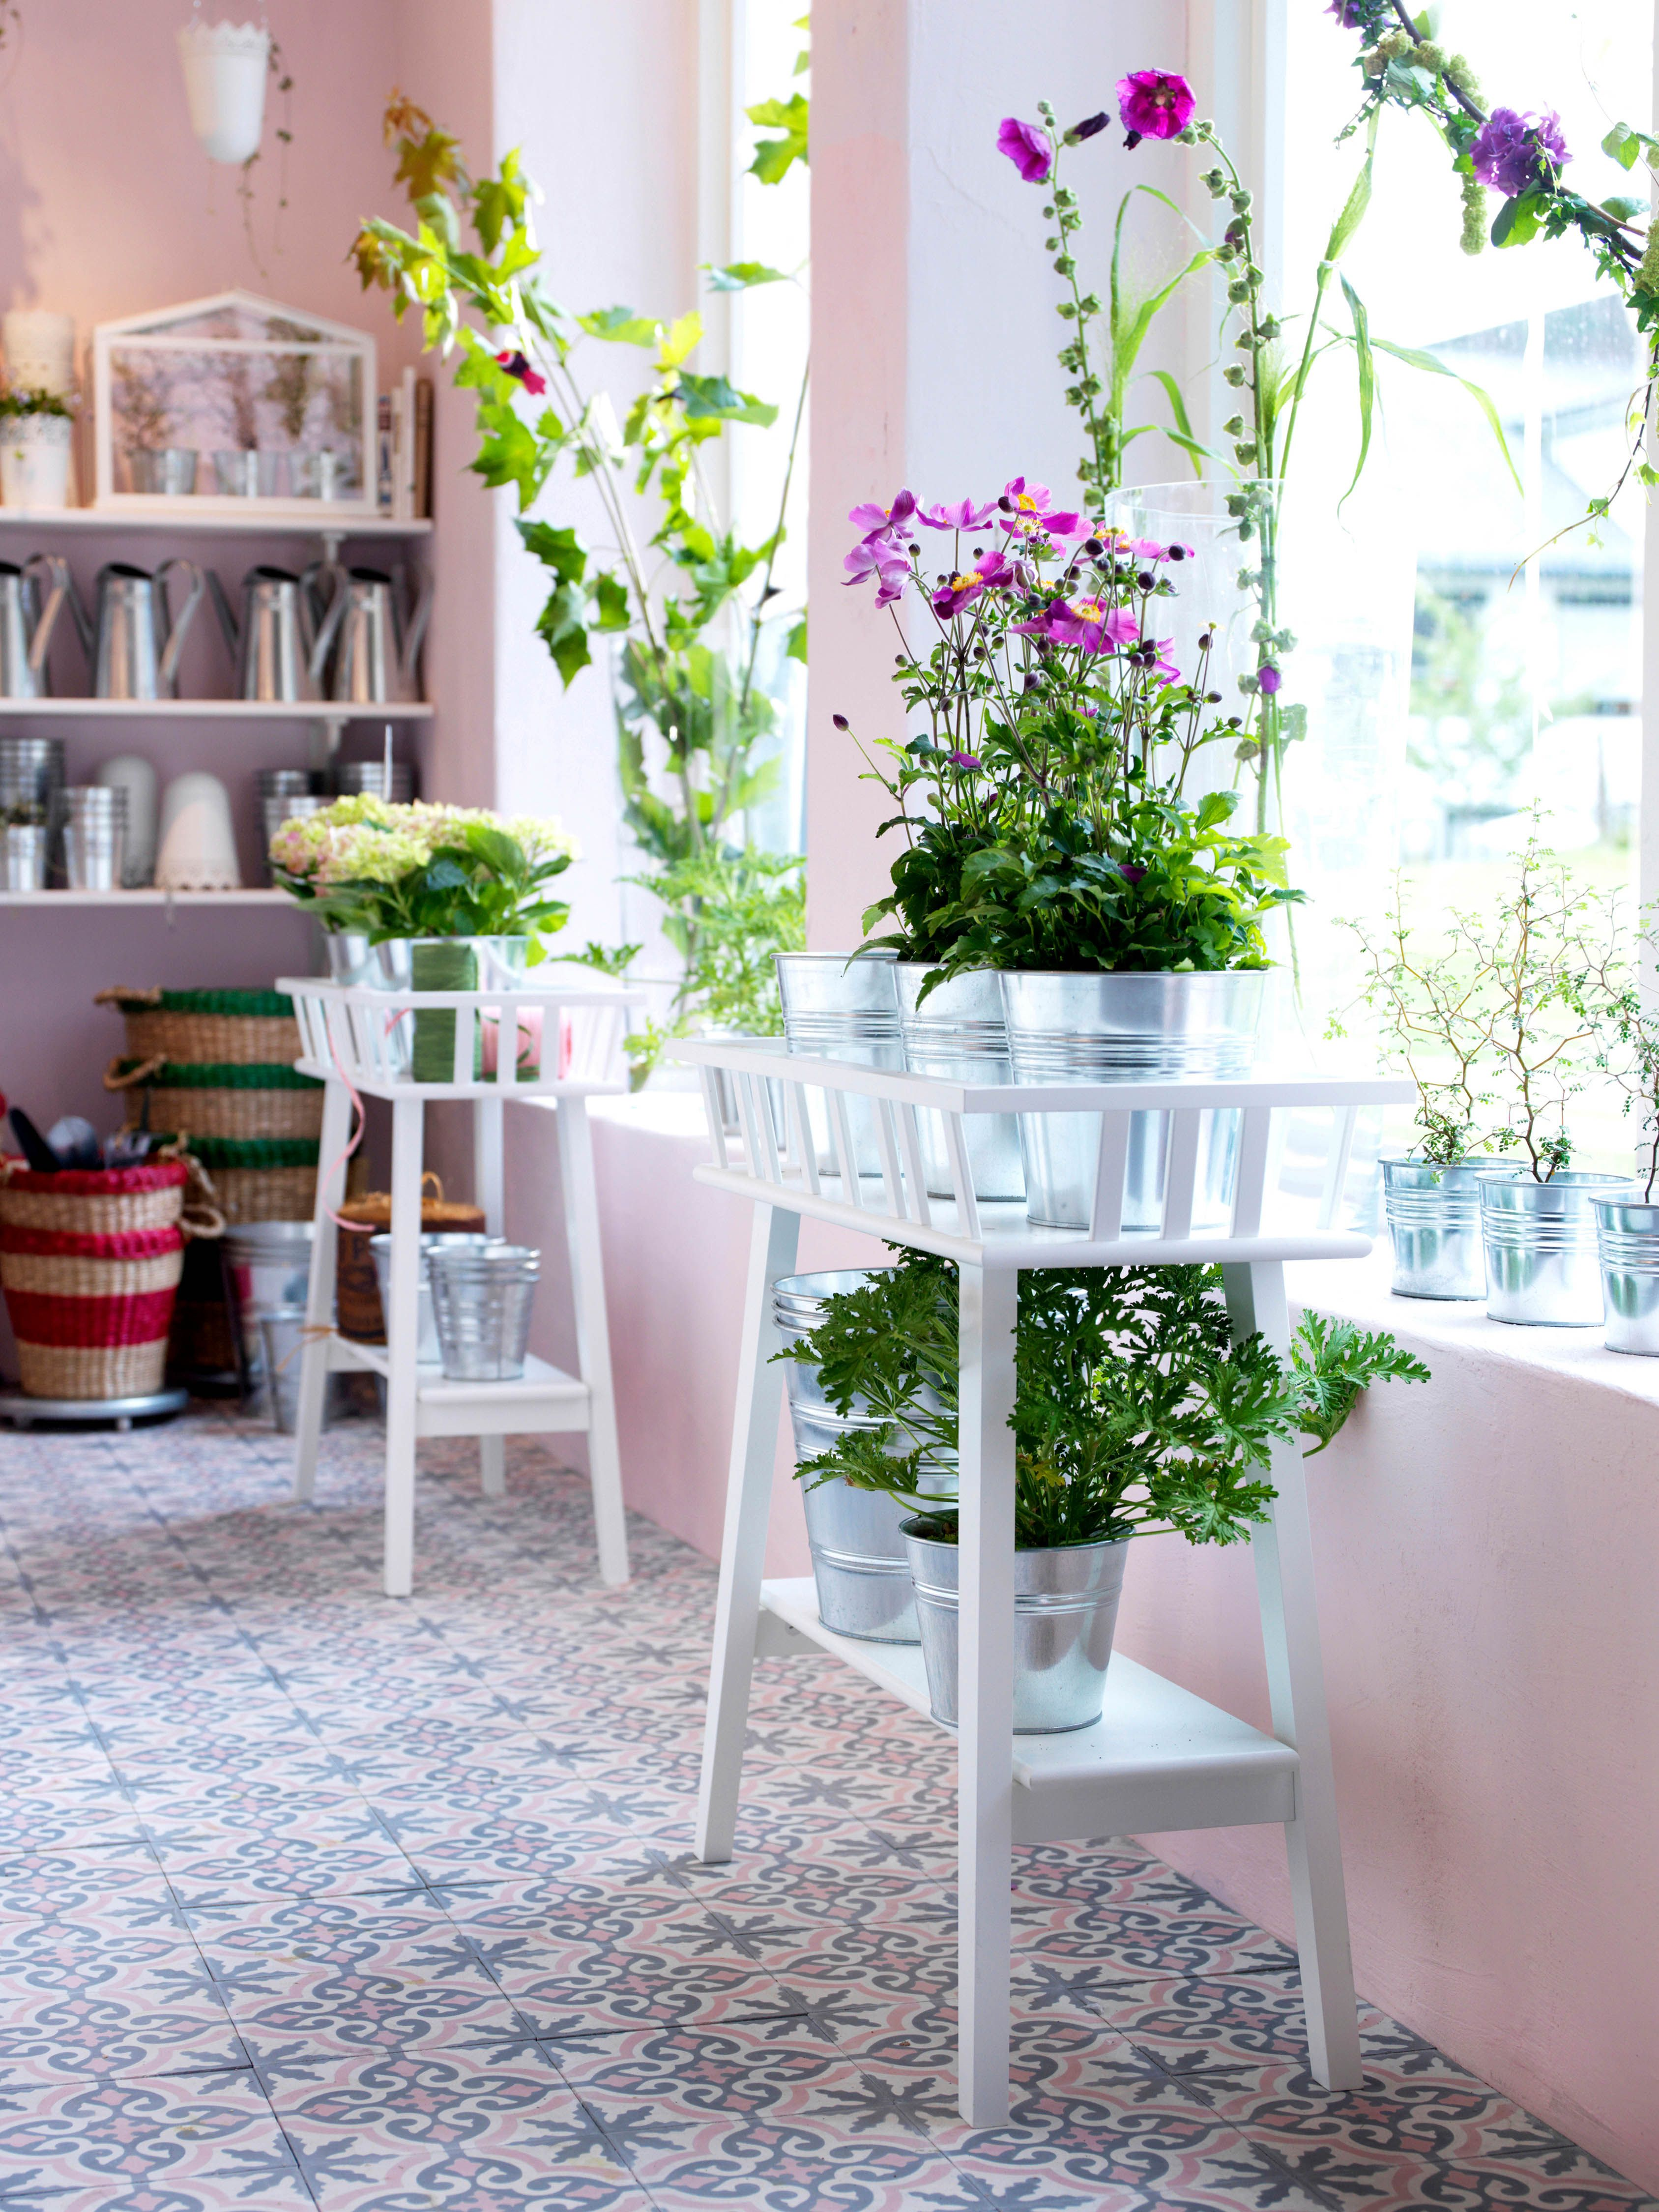 ikea deutschland mit einem blumenst nder wird dekorieren mit pflanzen berall im haus ganz. Black Bedroom Furniture Sets. Home Design Ideas